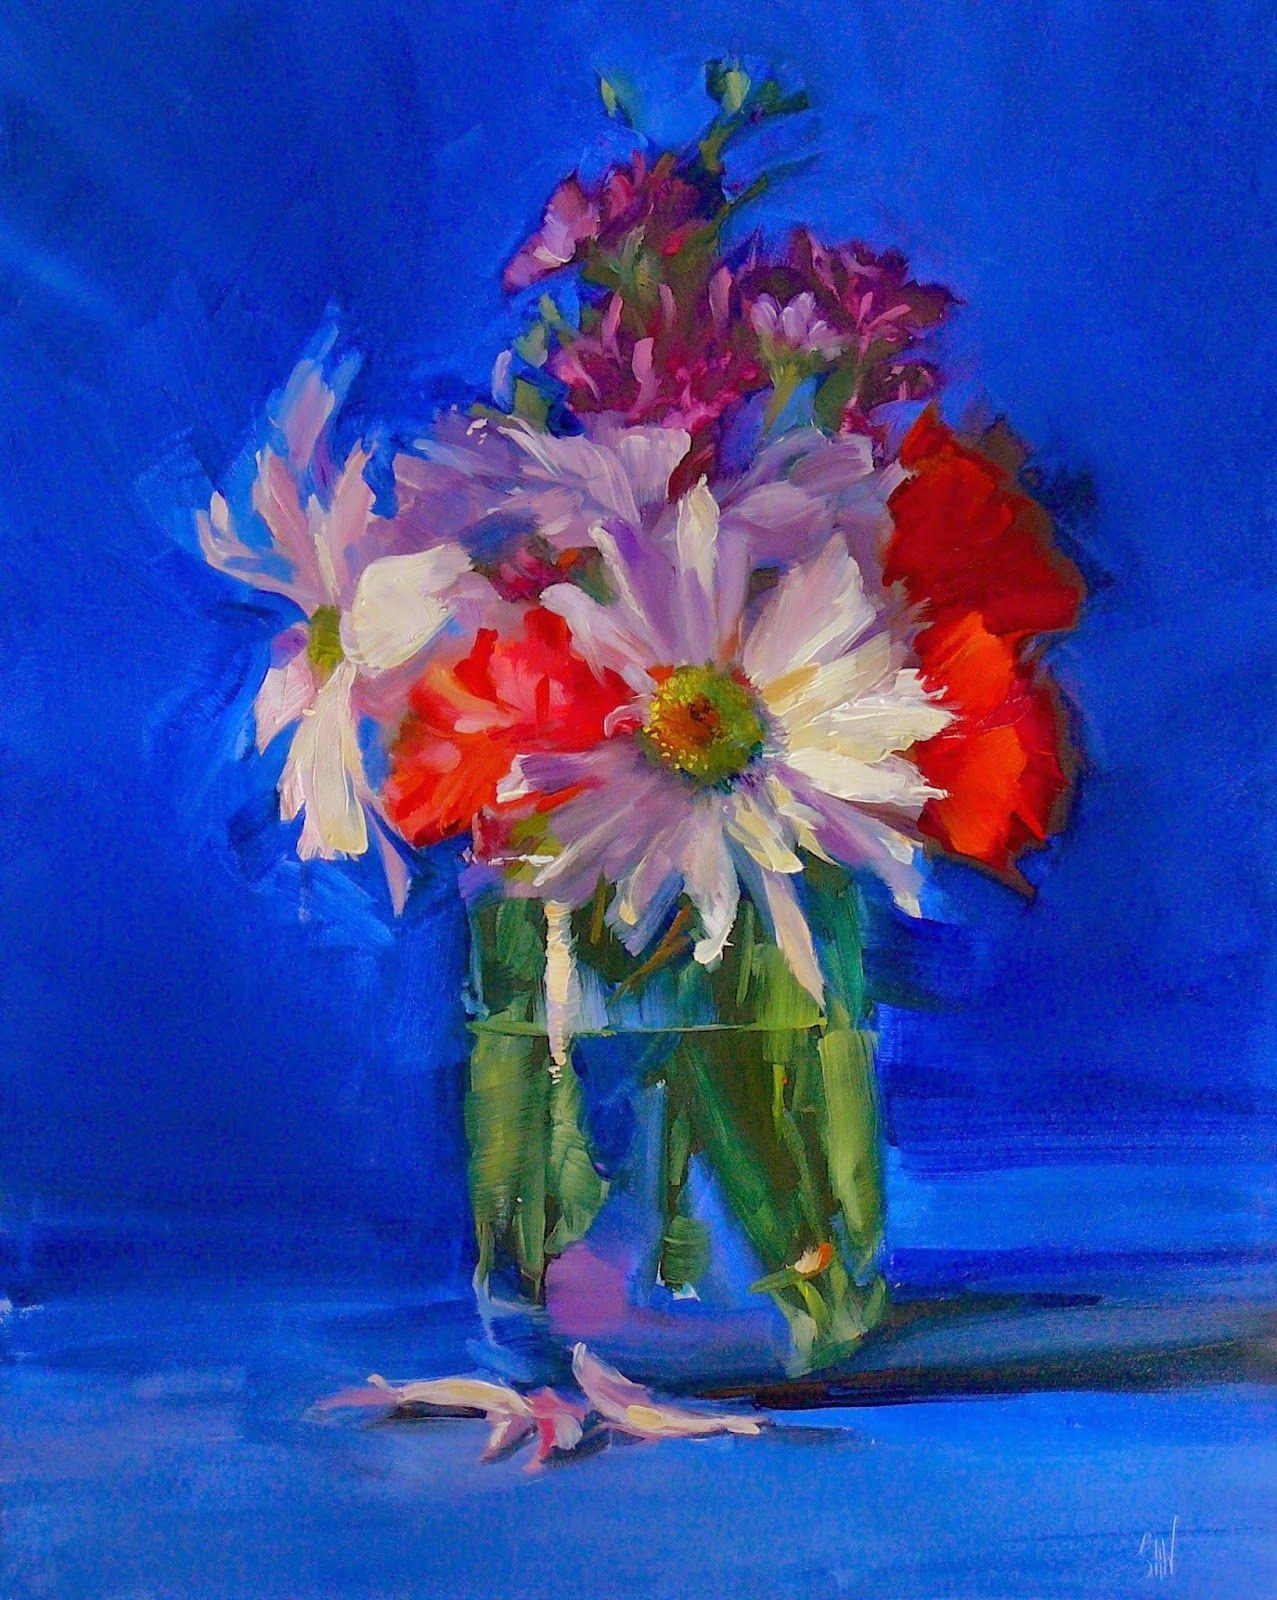 Susan Nally: A Painter's Journal: Fallen Petals ...